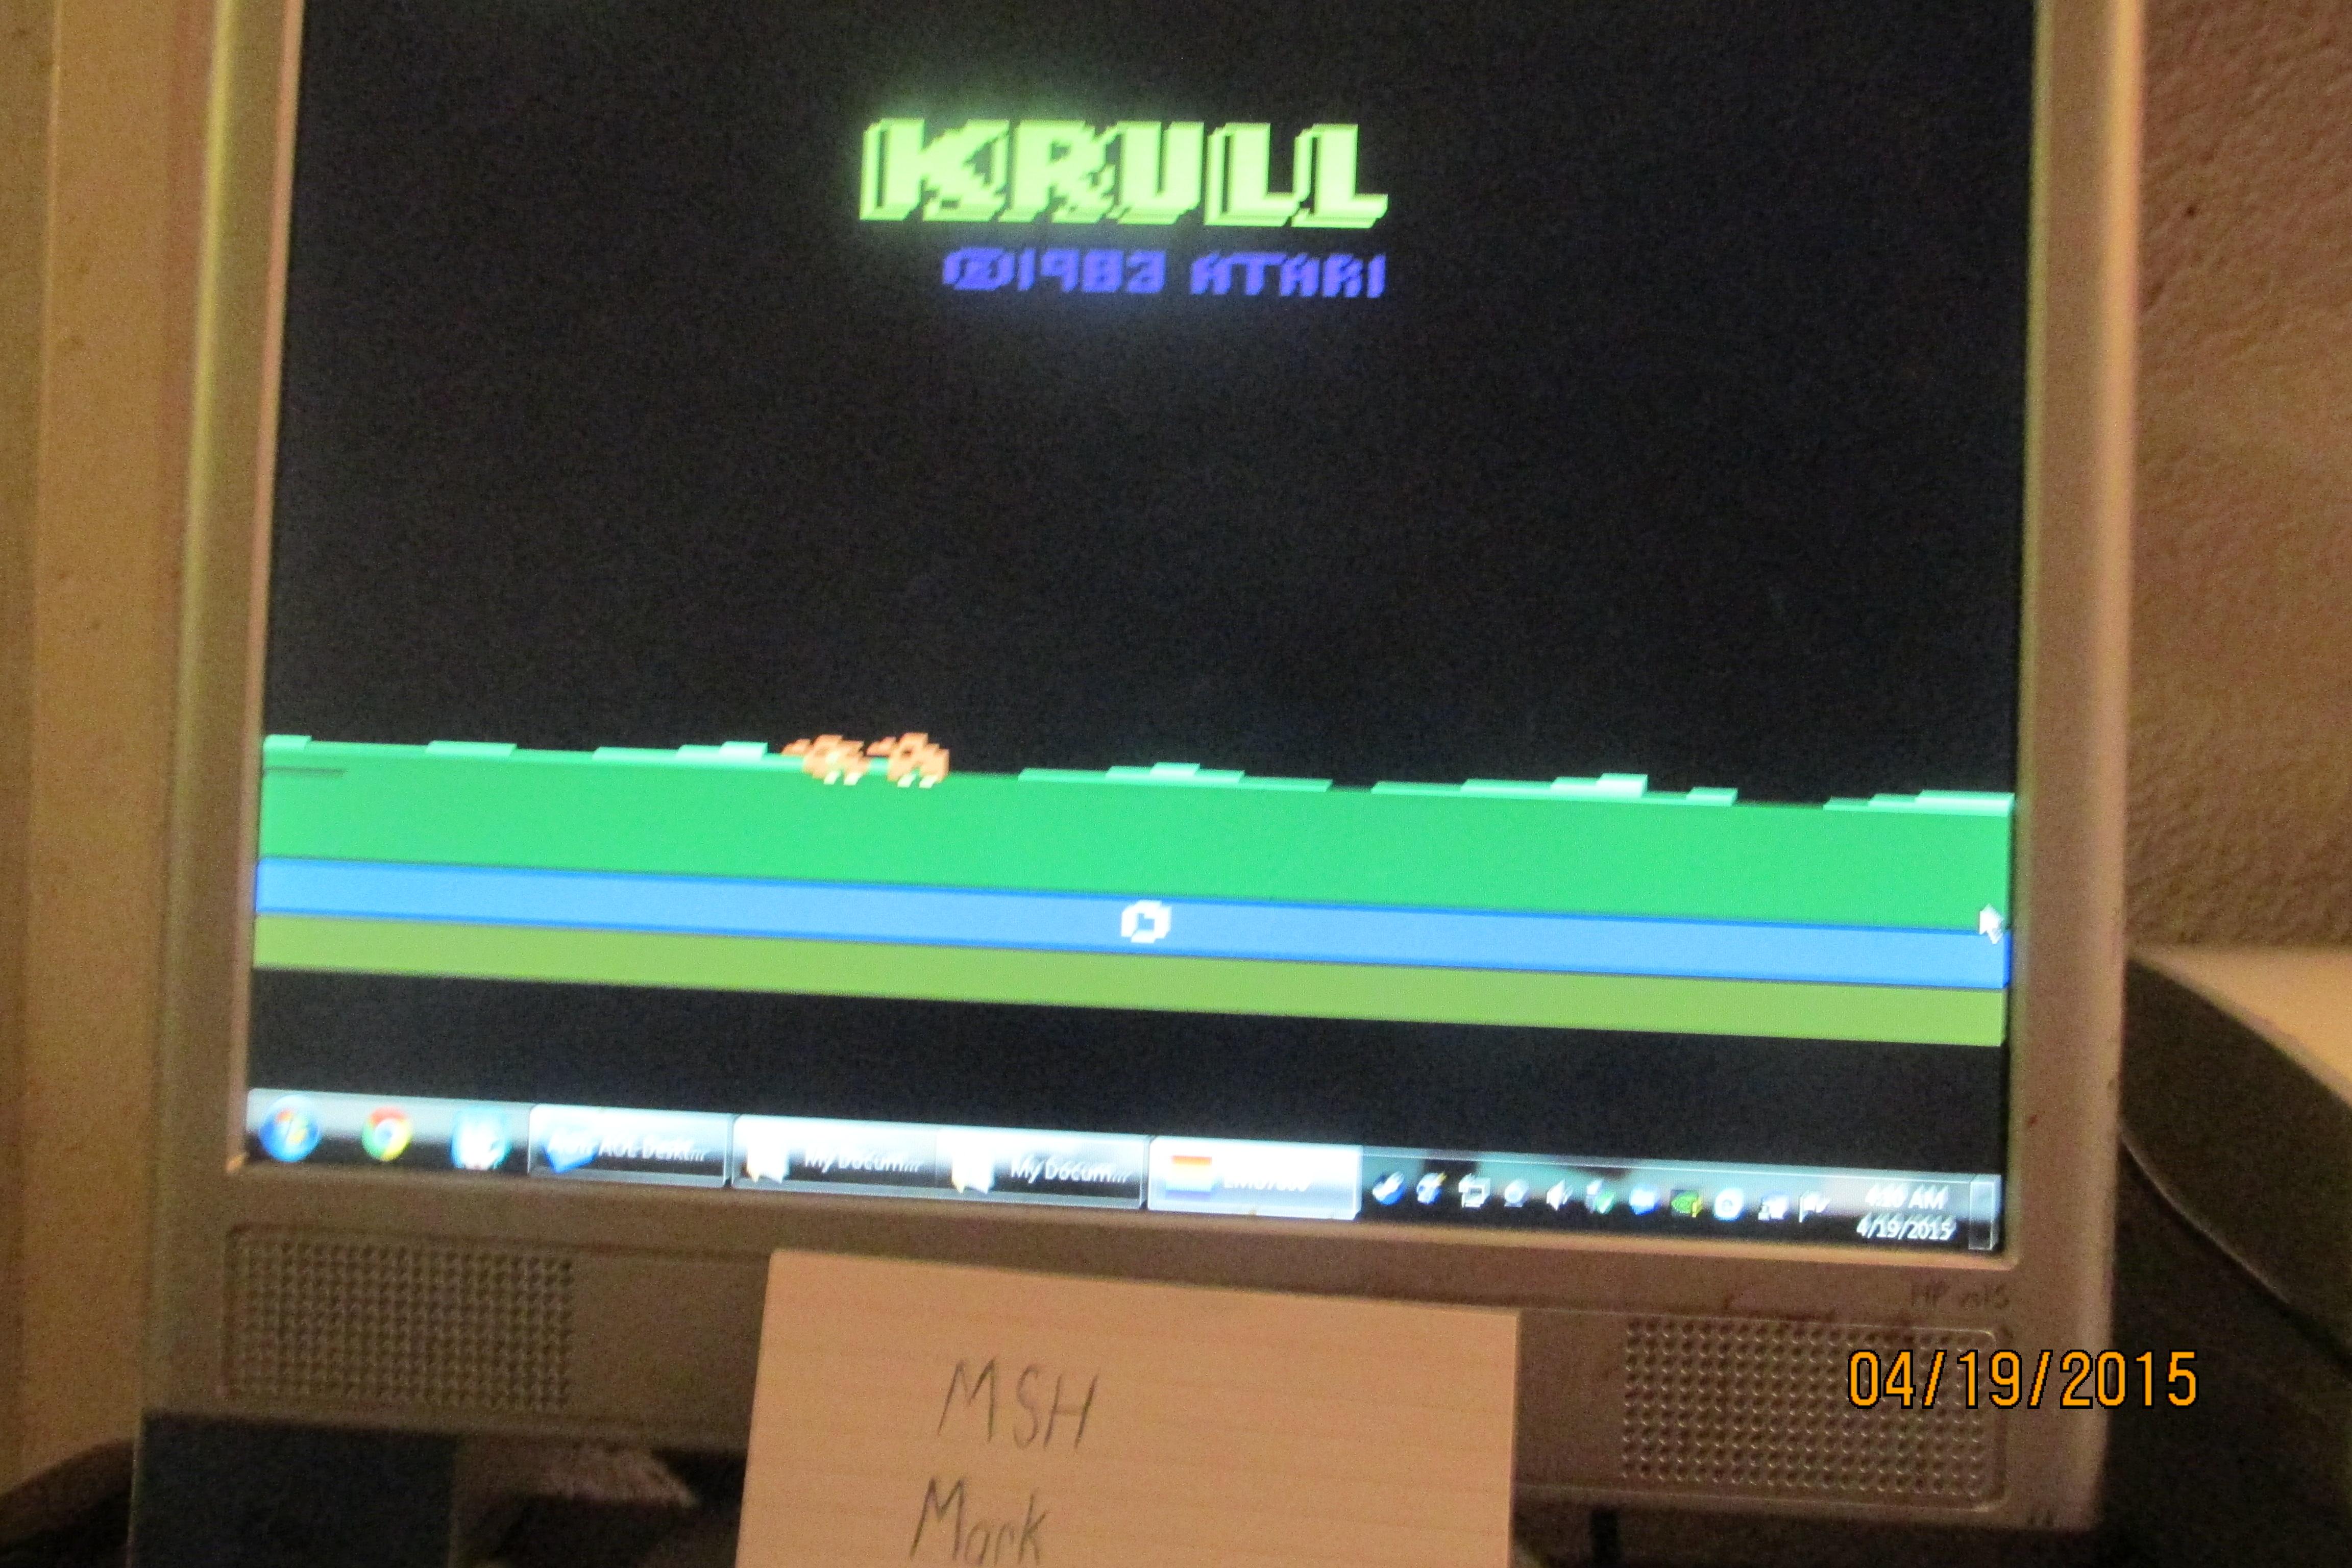 Krull 2,160 points